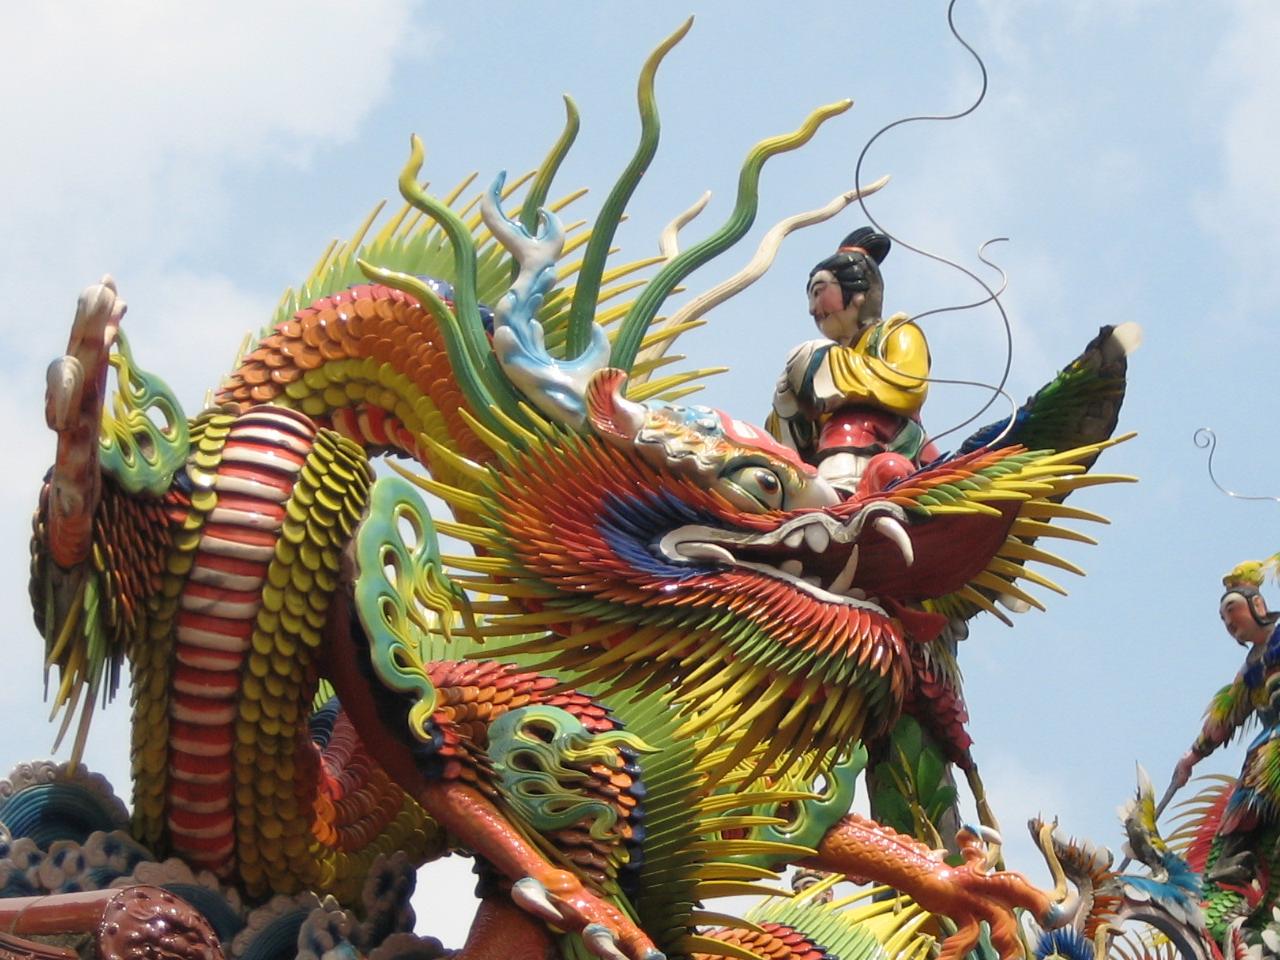 Rooftop dragon in Taiwan